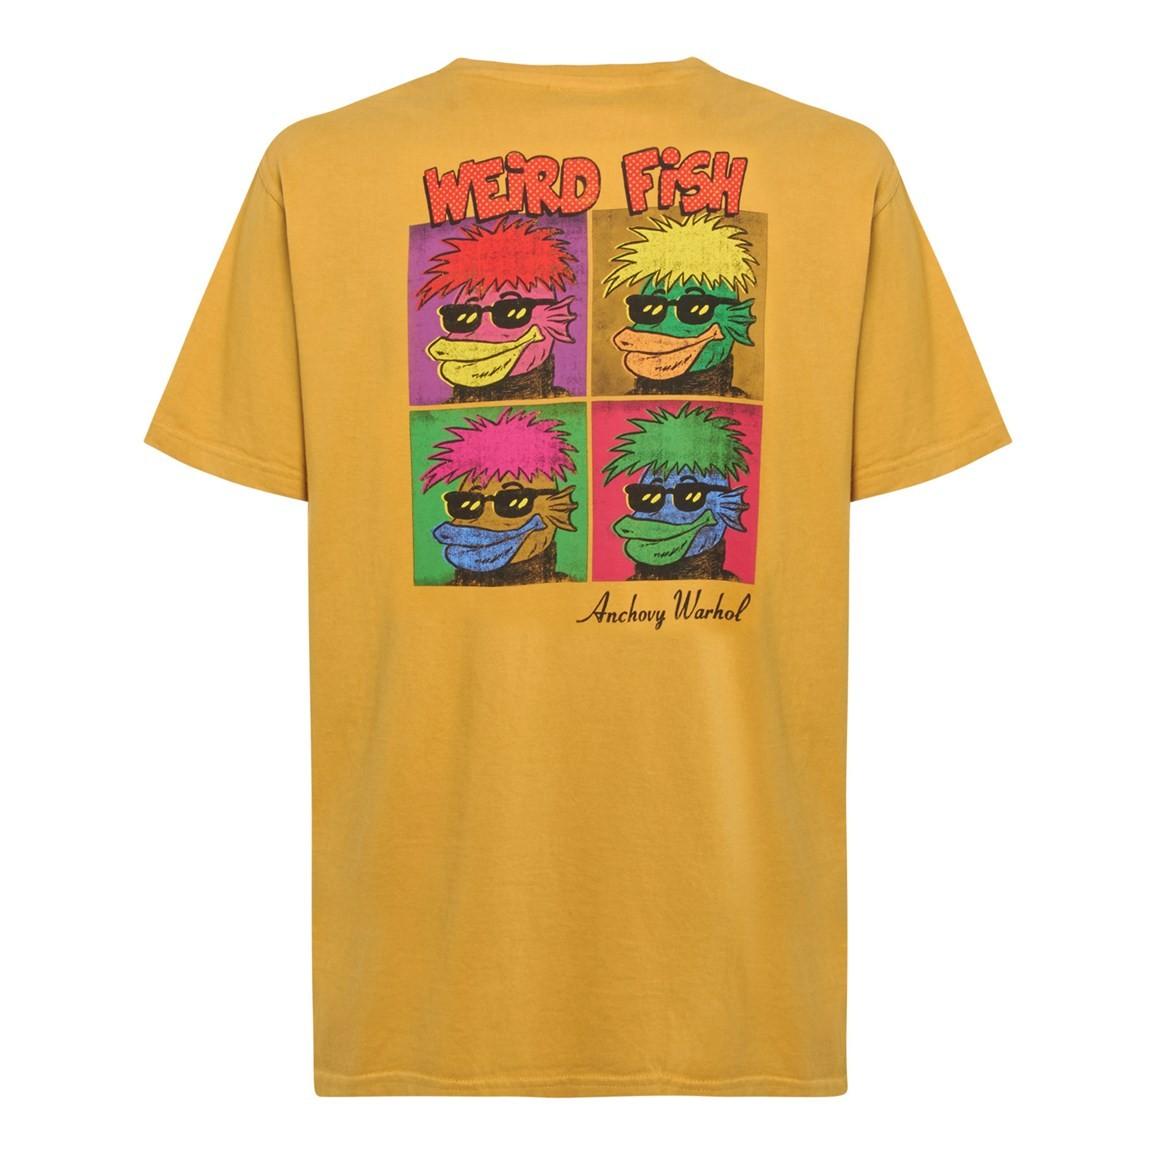 Weird Fish Anchovy Warhol Back Print Artist T-Shirt Deep Amber Size 2XL